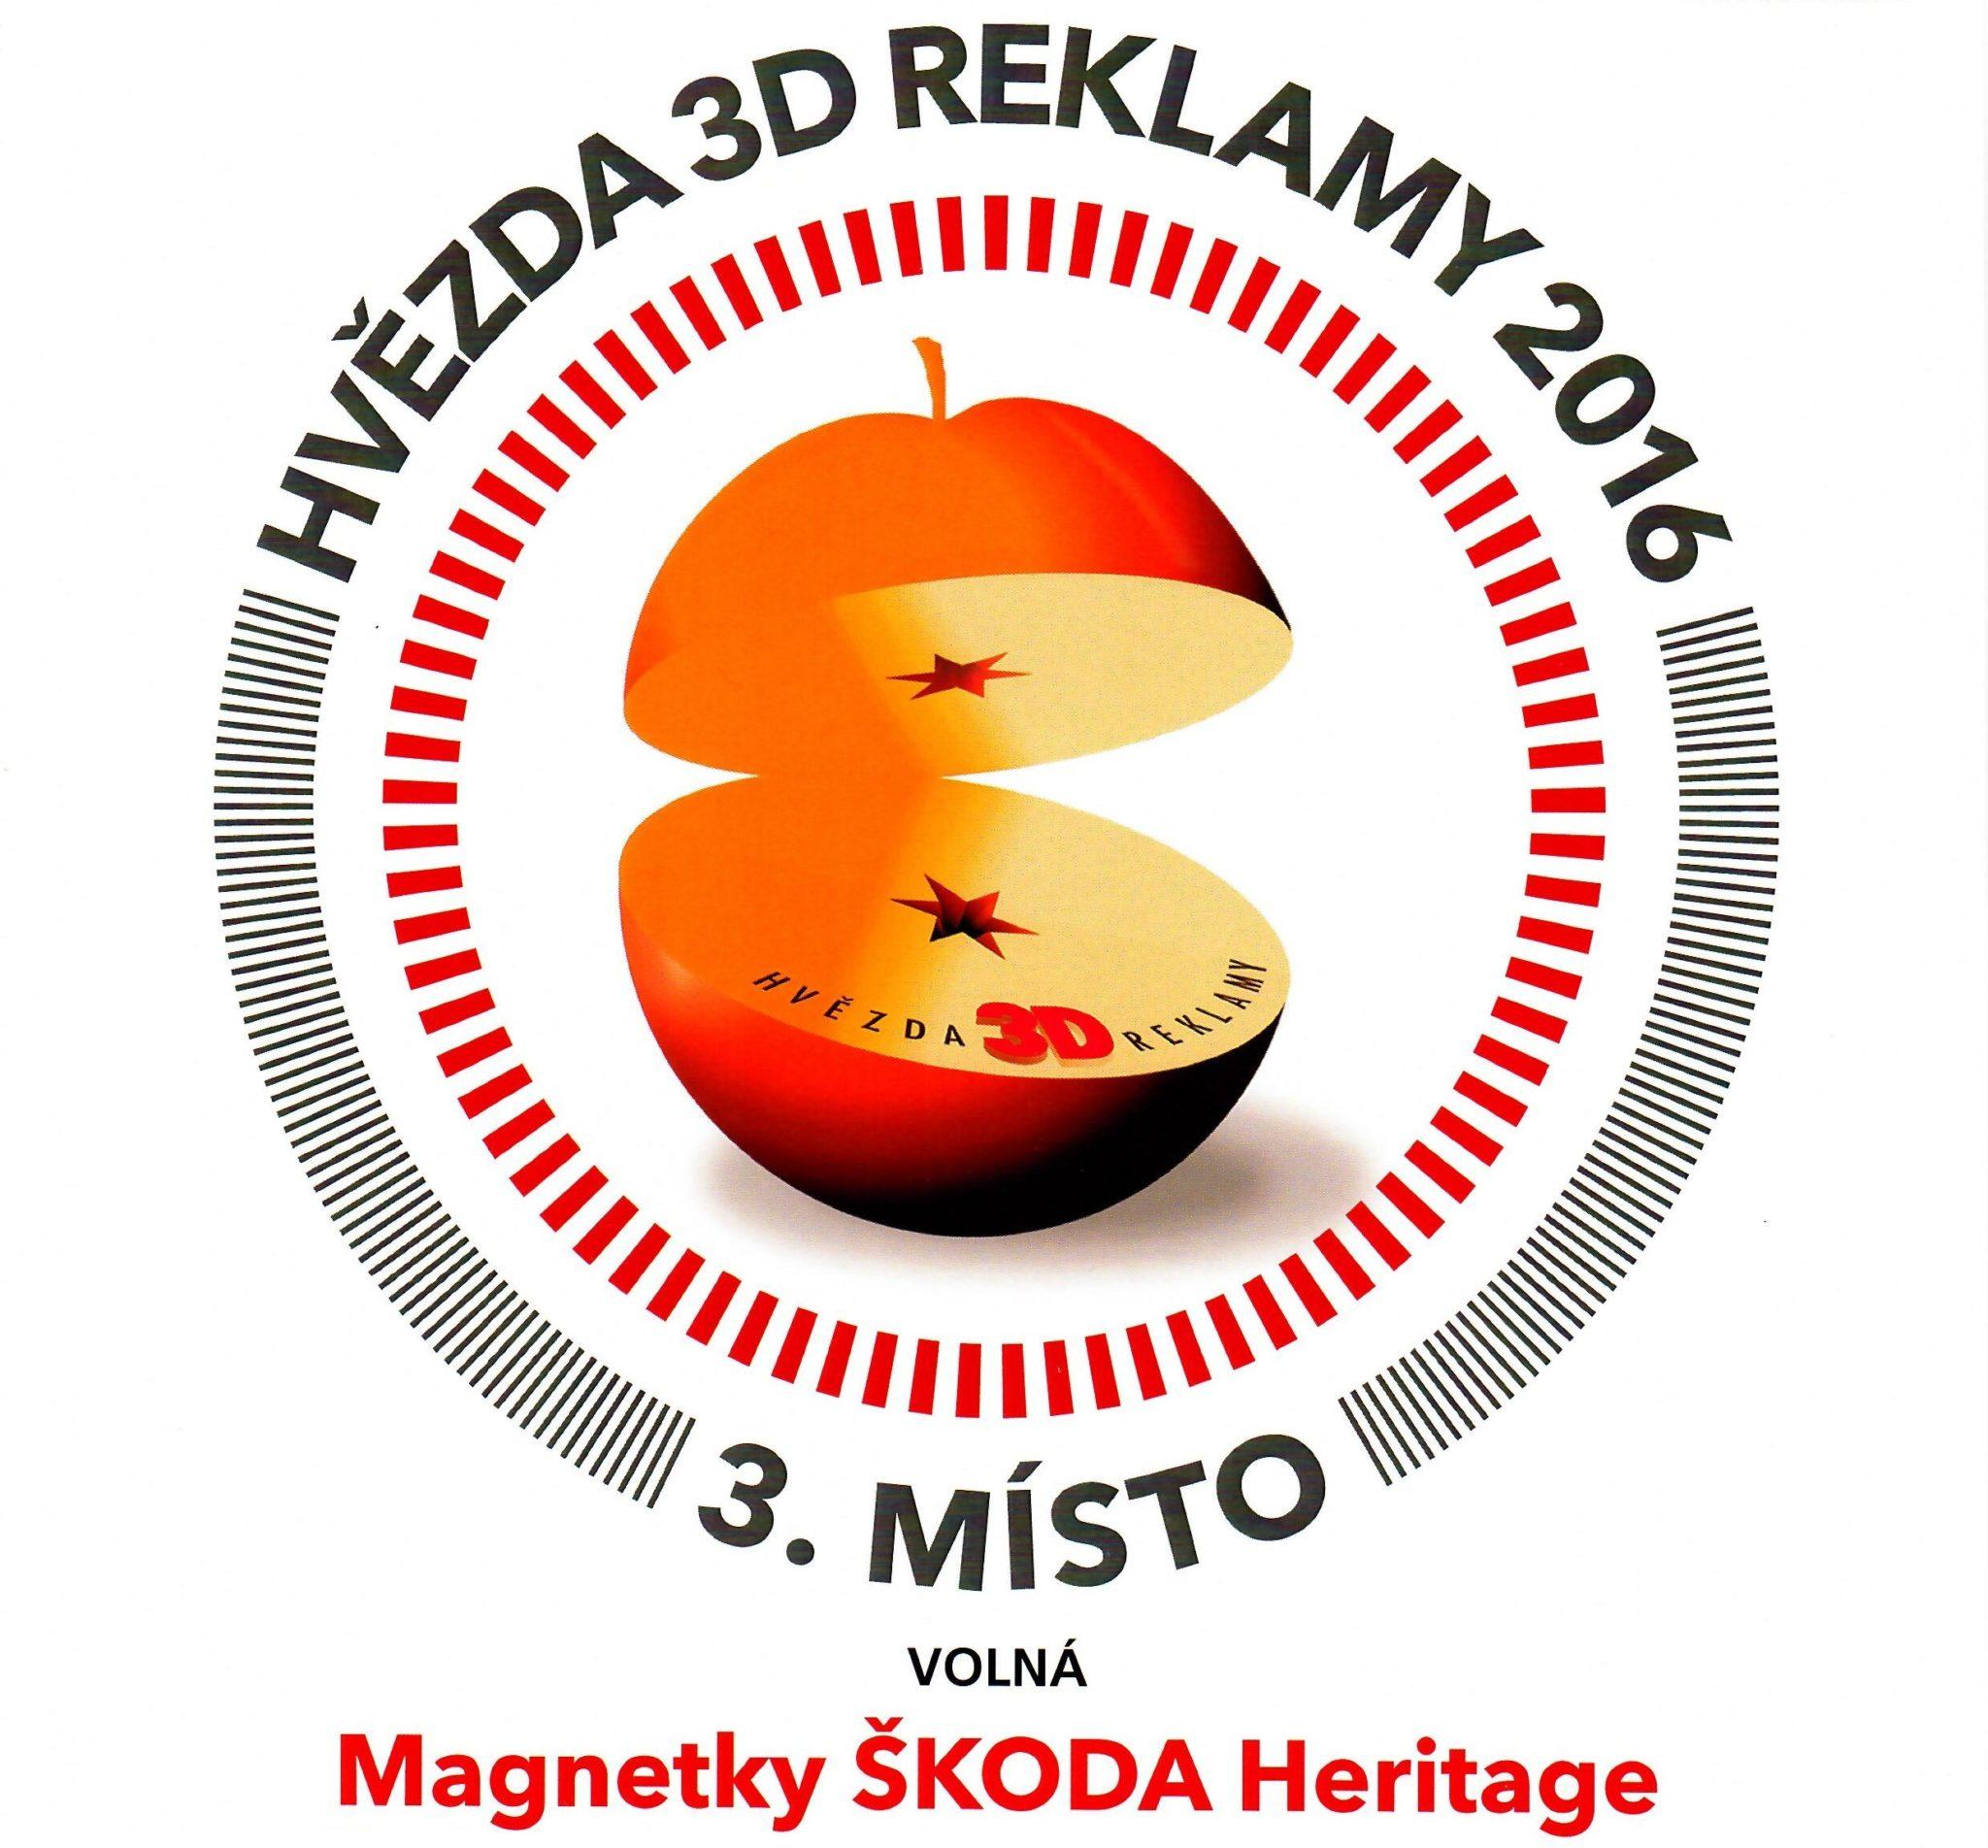 Ocenění pro Silic Média – Hvězda 3D reklamy – 3. místo